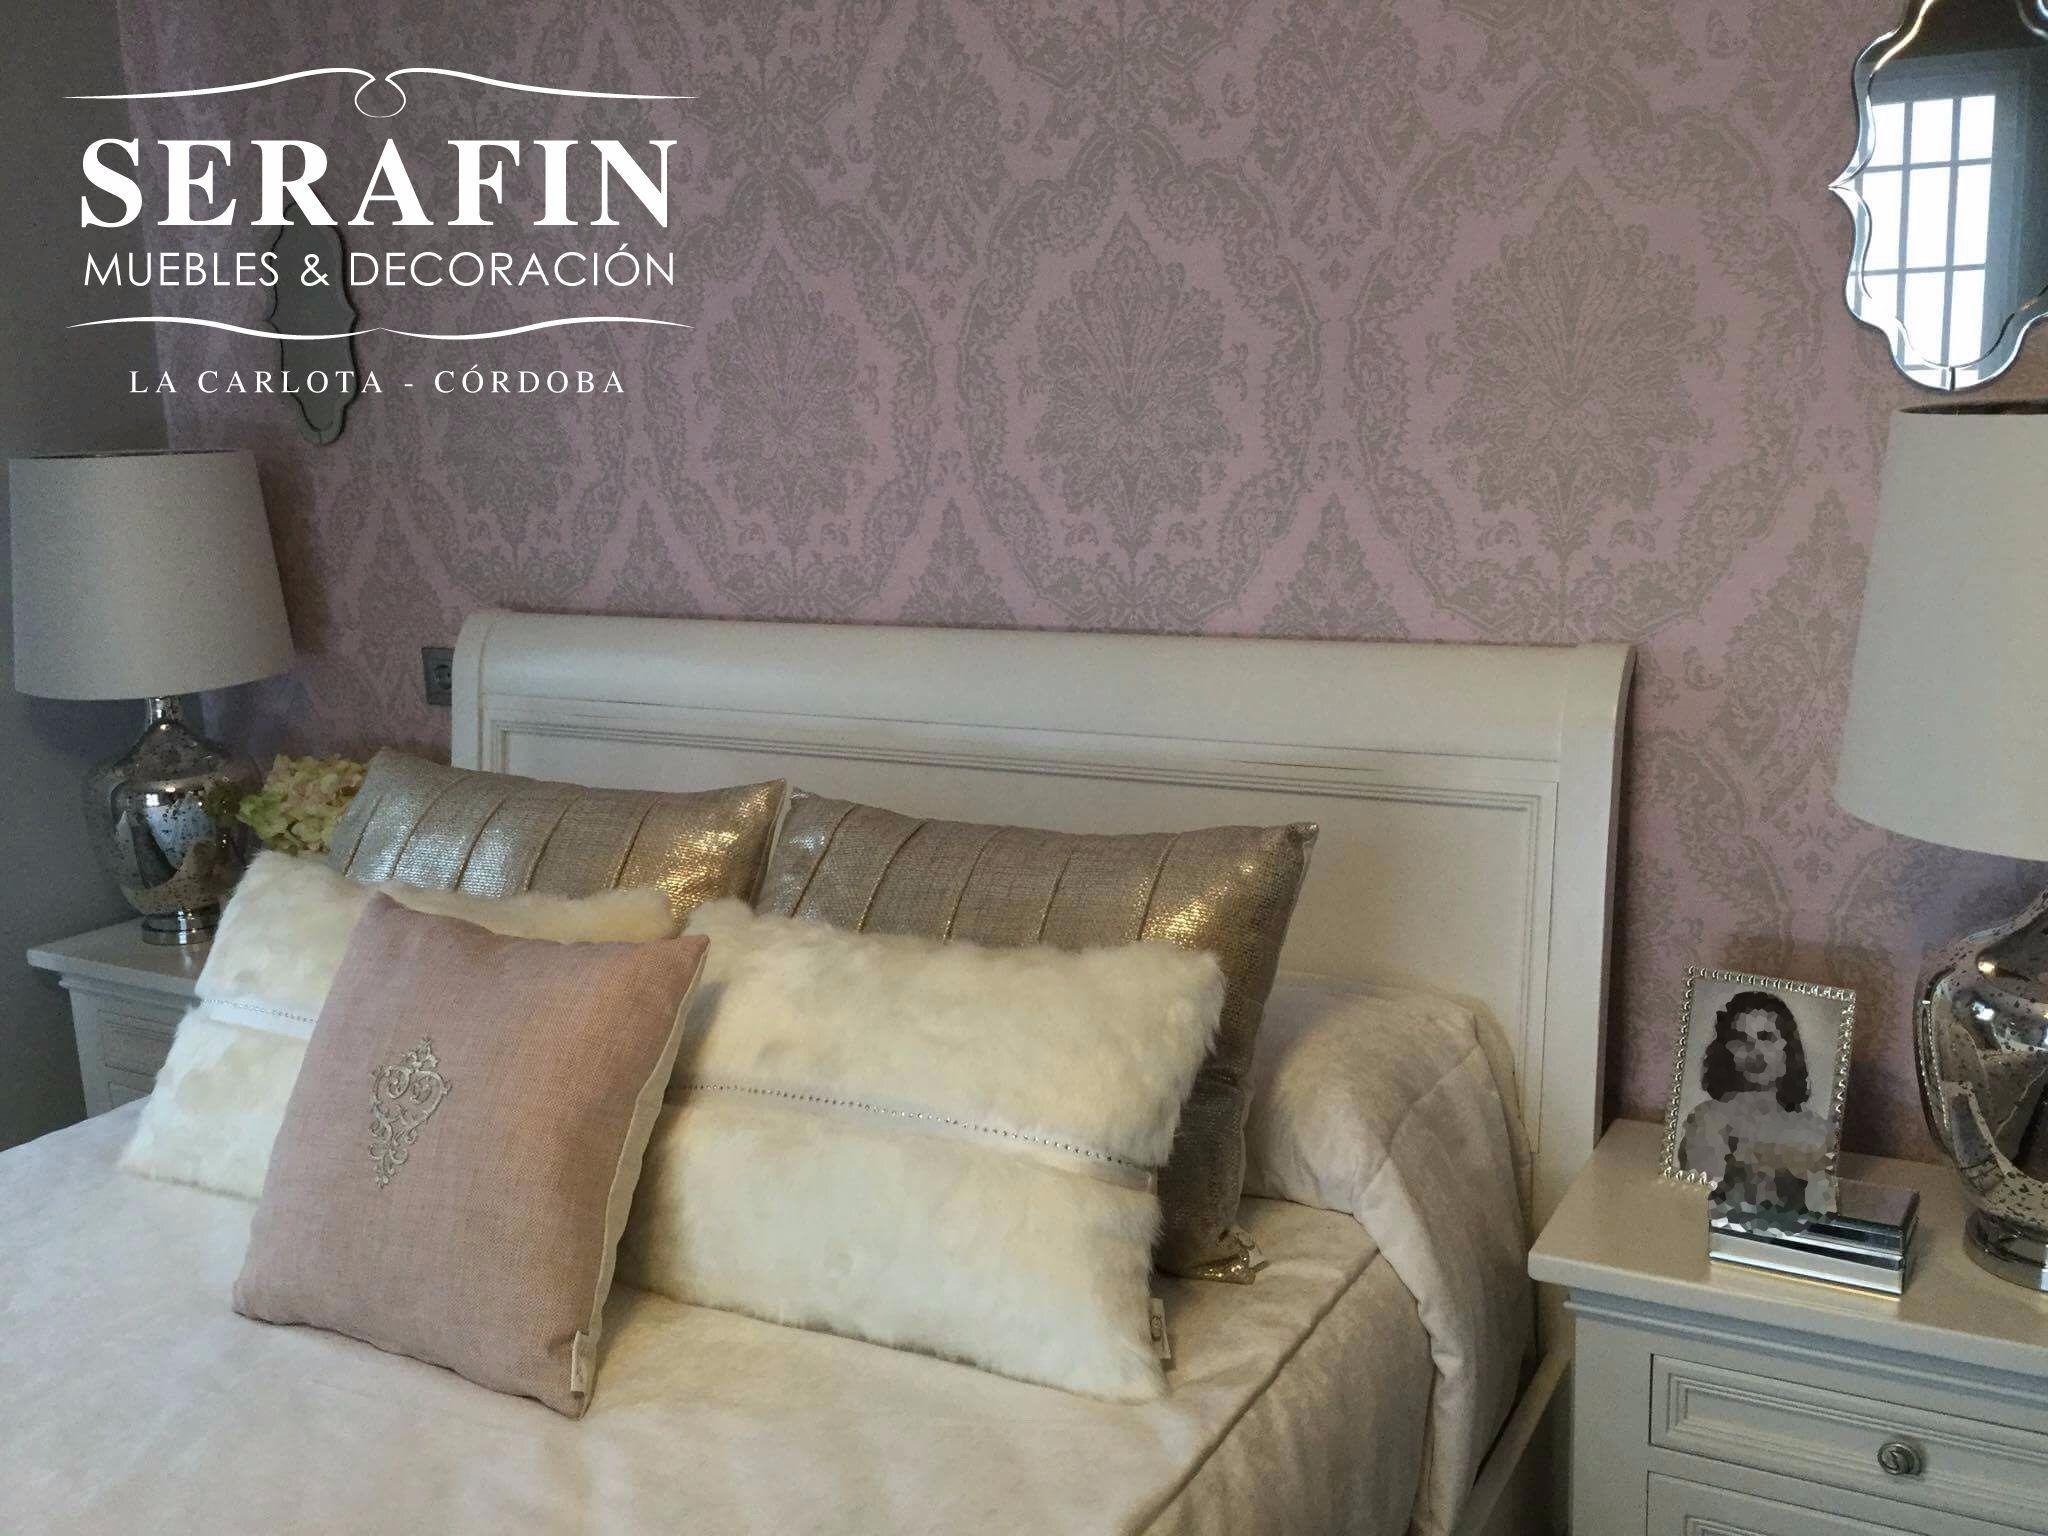 Inicio Muebles Serafin Muebles Decoracion En Cordoba Sevilla Y Malaga Decoracion De Muebles Muebles Para Tienda Dormitorios